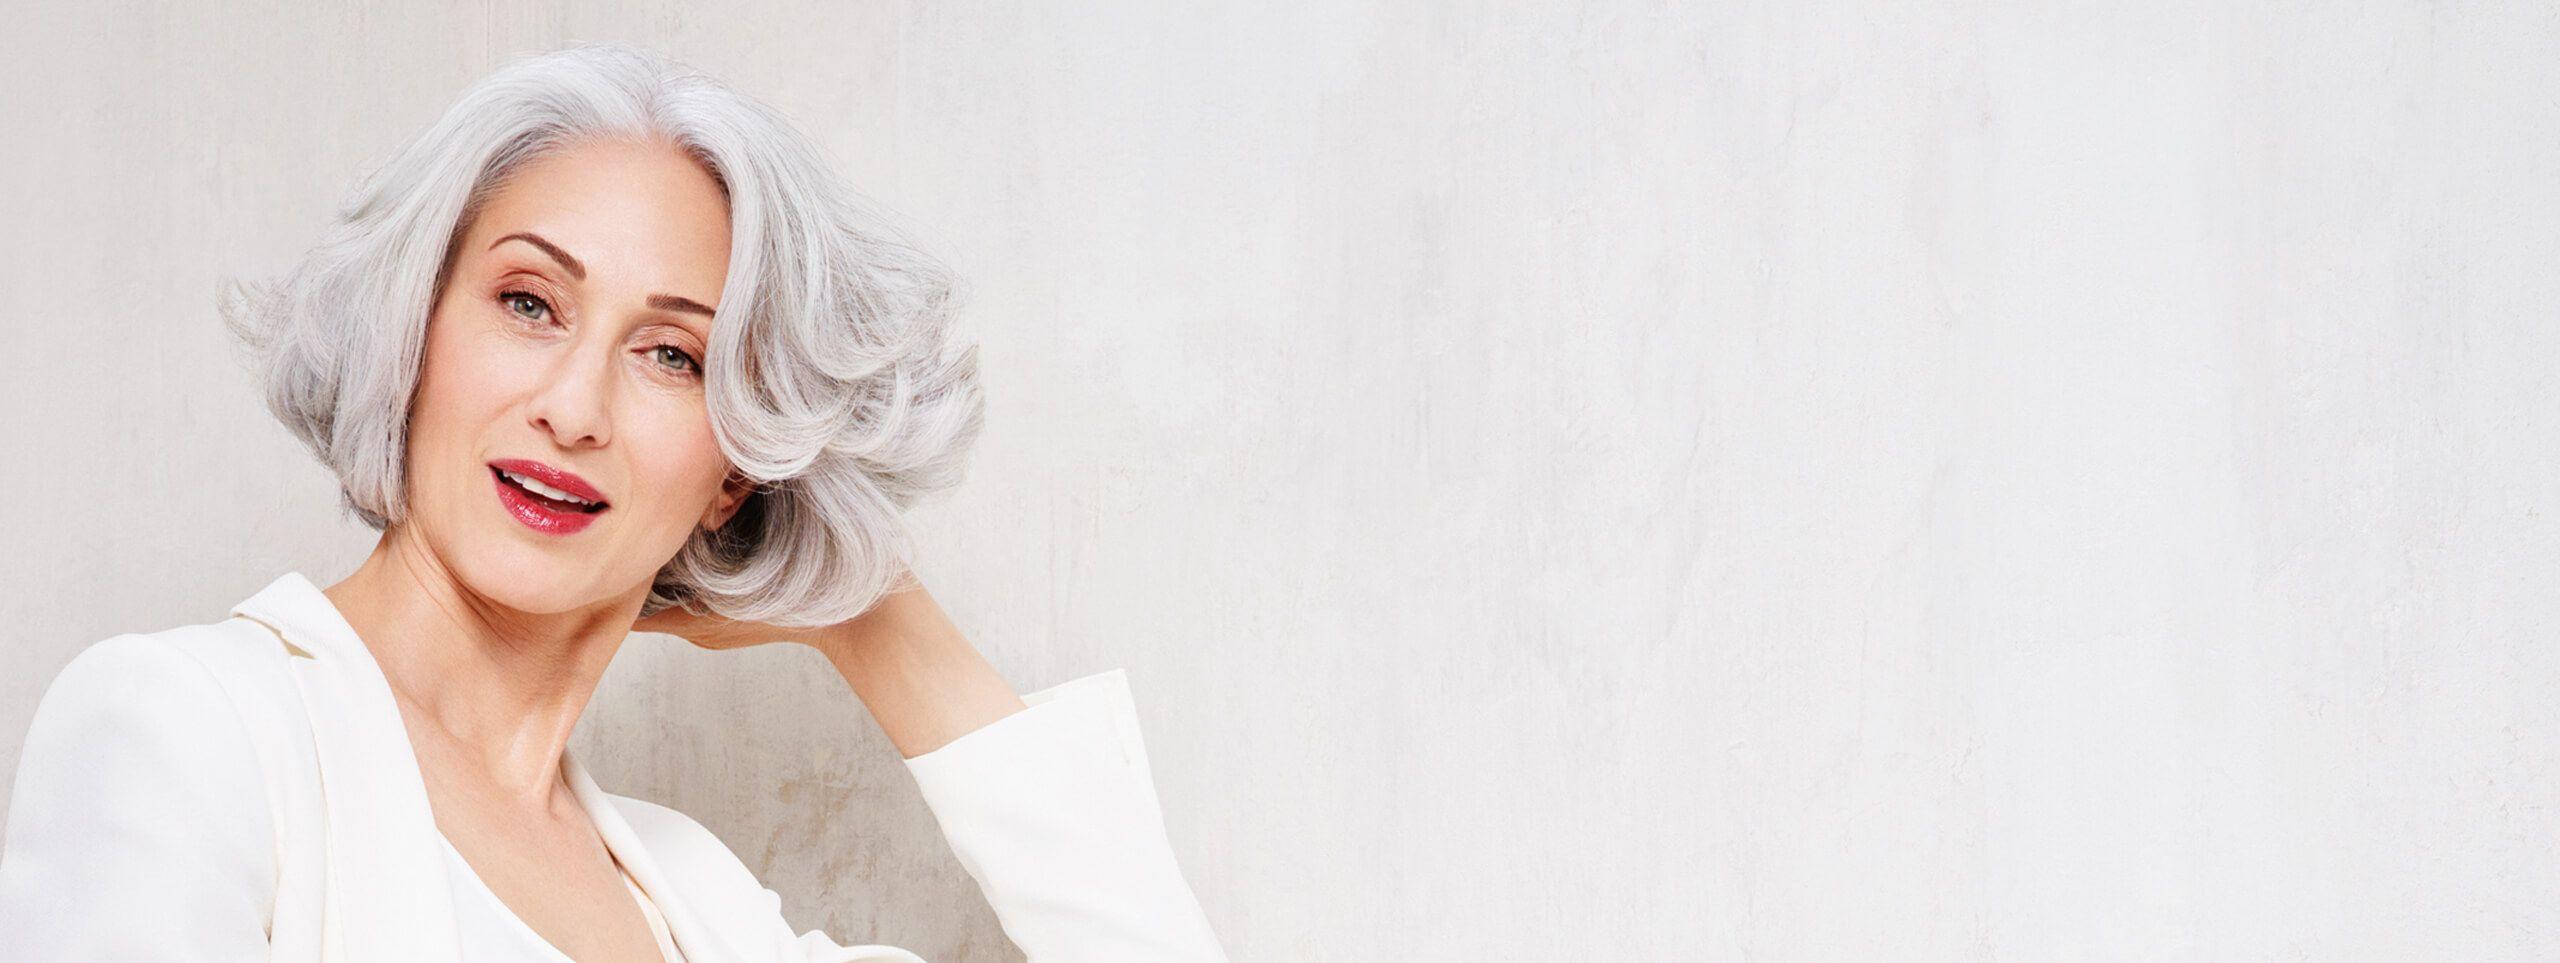 Donna di mezza età con capelli bianchi